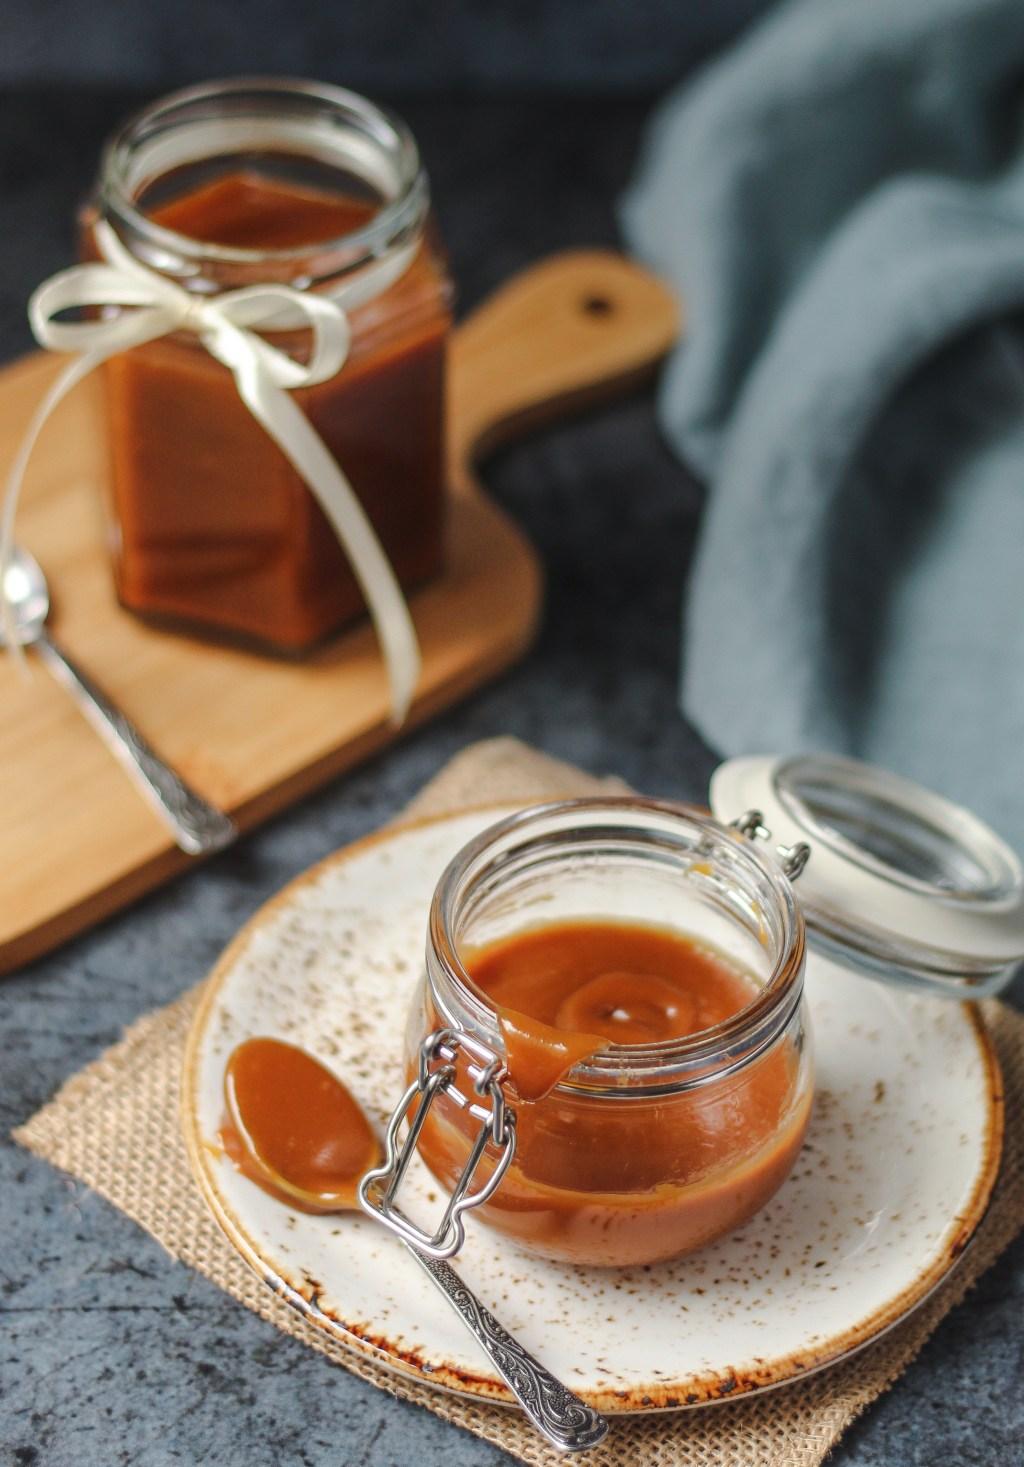 Domaći karamel (Dulche de leche) 4